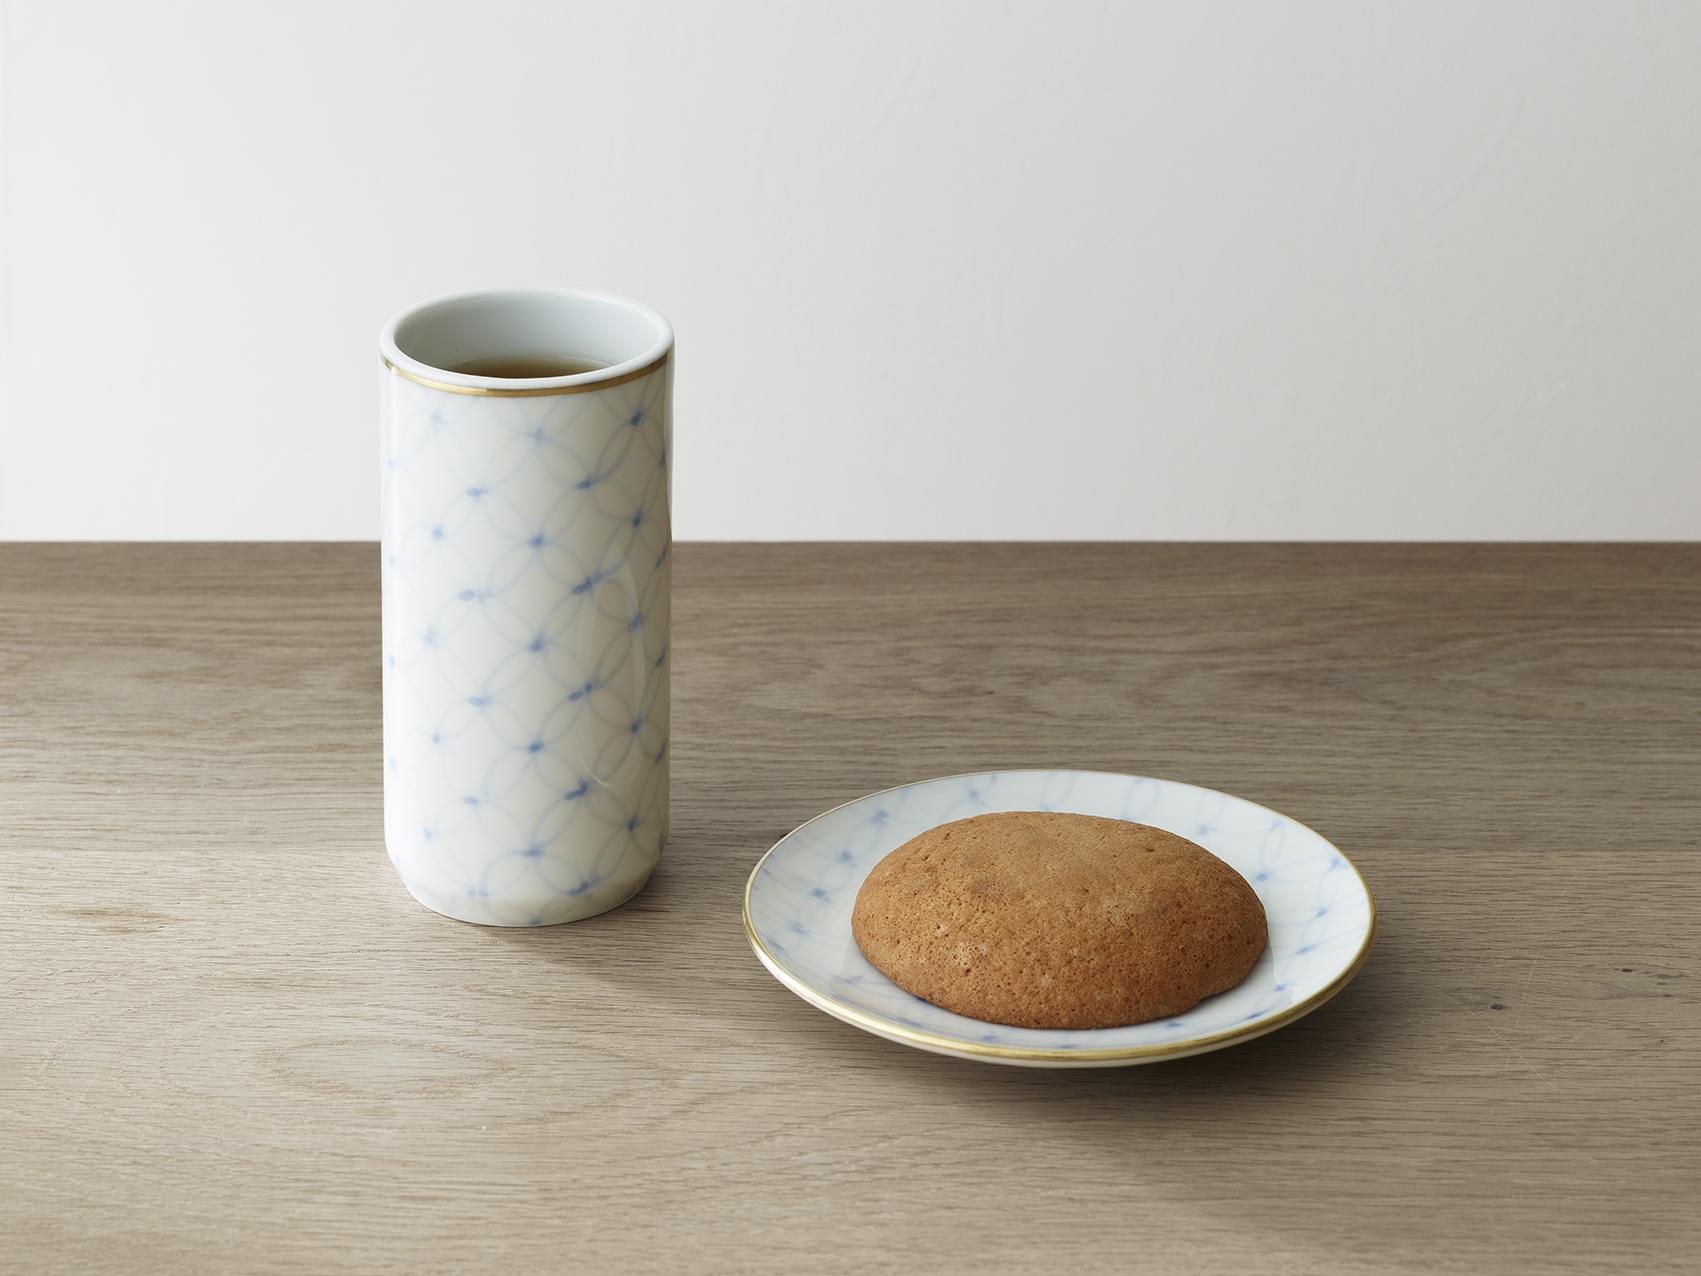 ぼうろとほうじ茶の器【カップ】